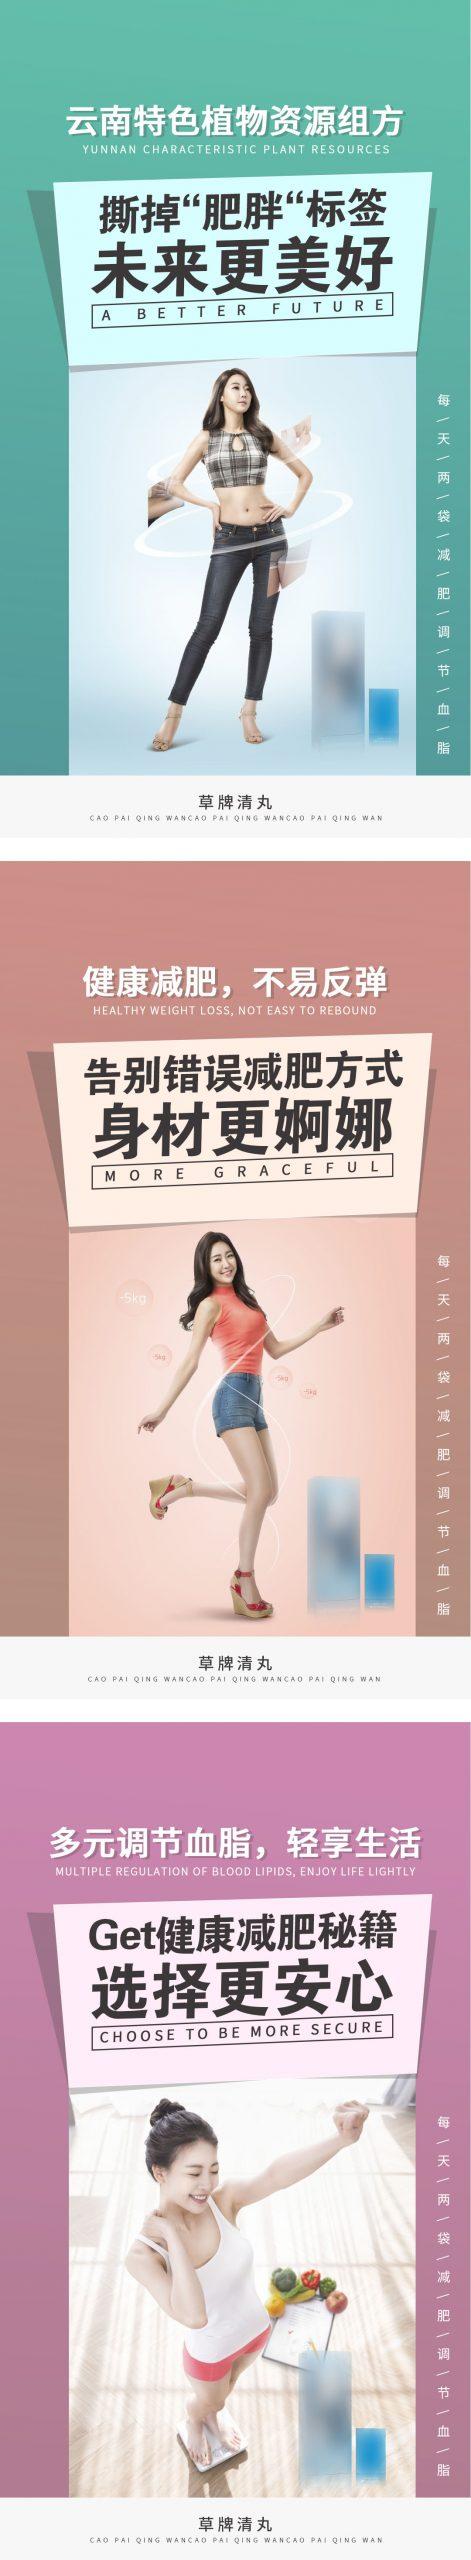 减肥系列人物海报PSD源文件插图